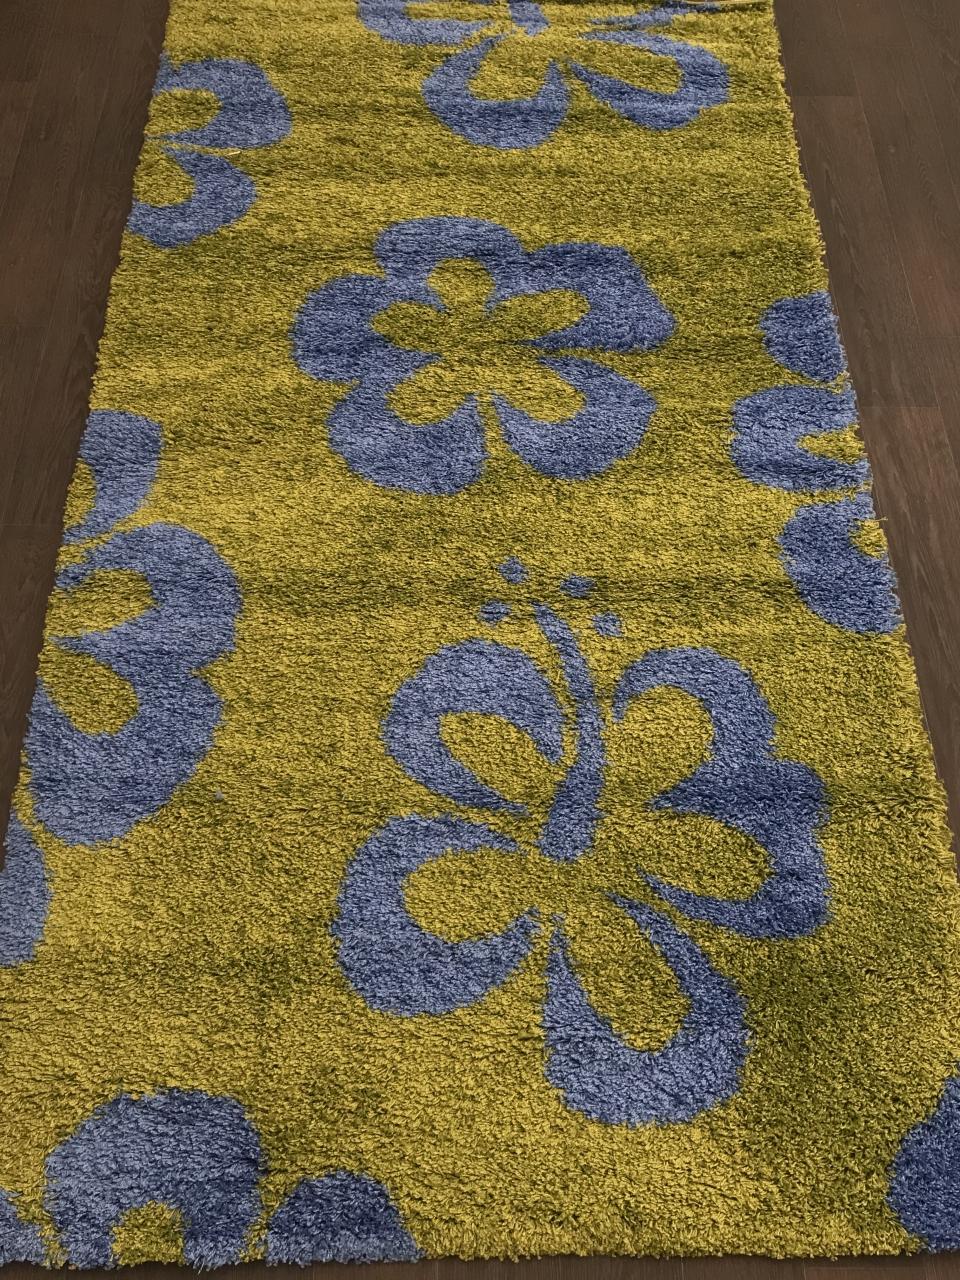 SHAGGY ULTRA - s605 - GREEN-BLUE